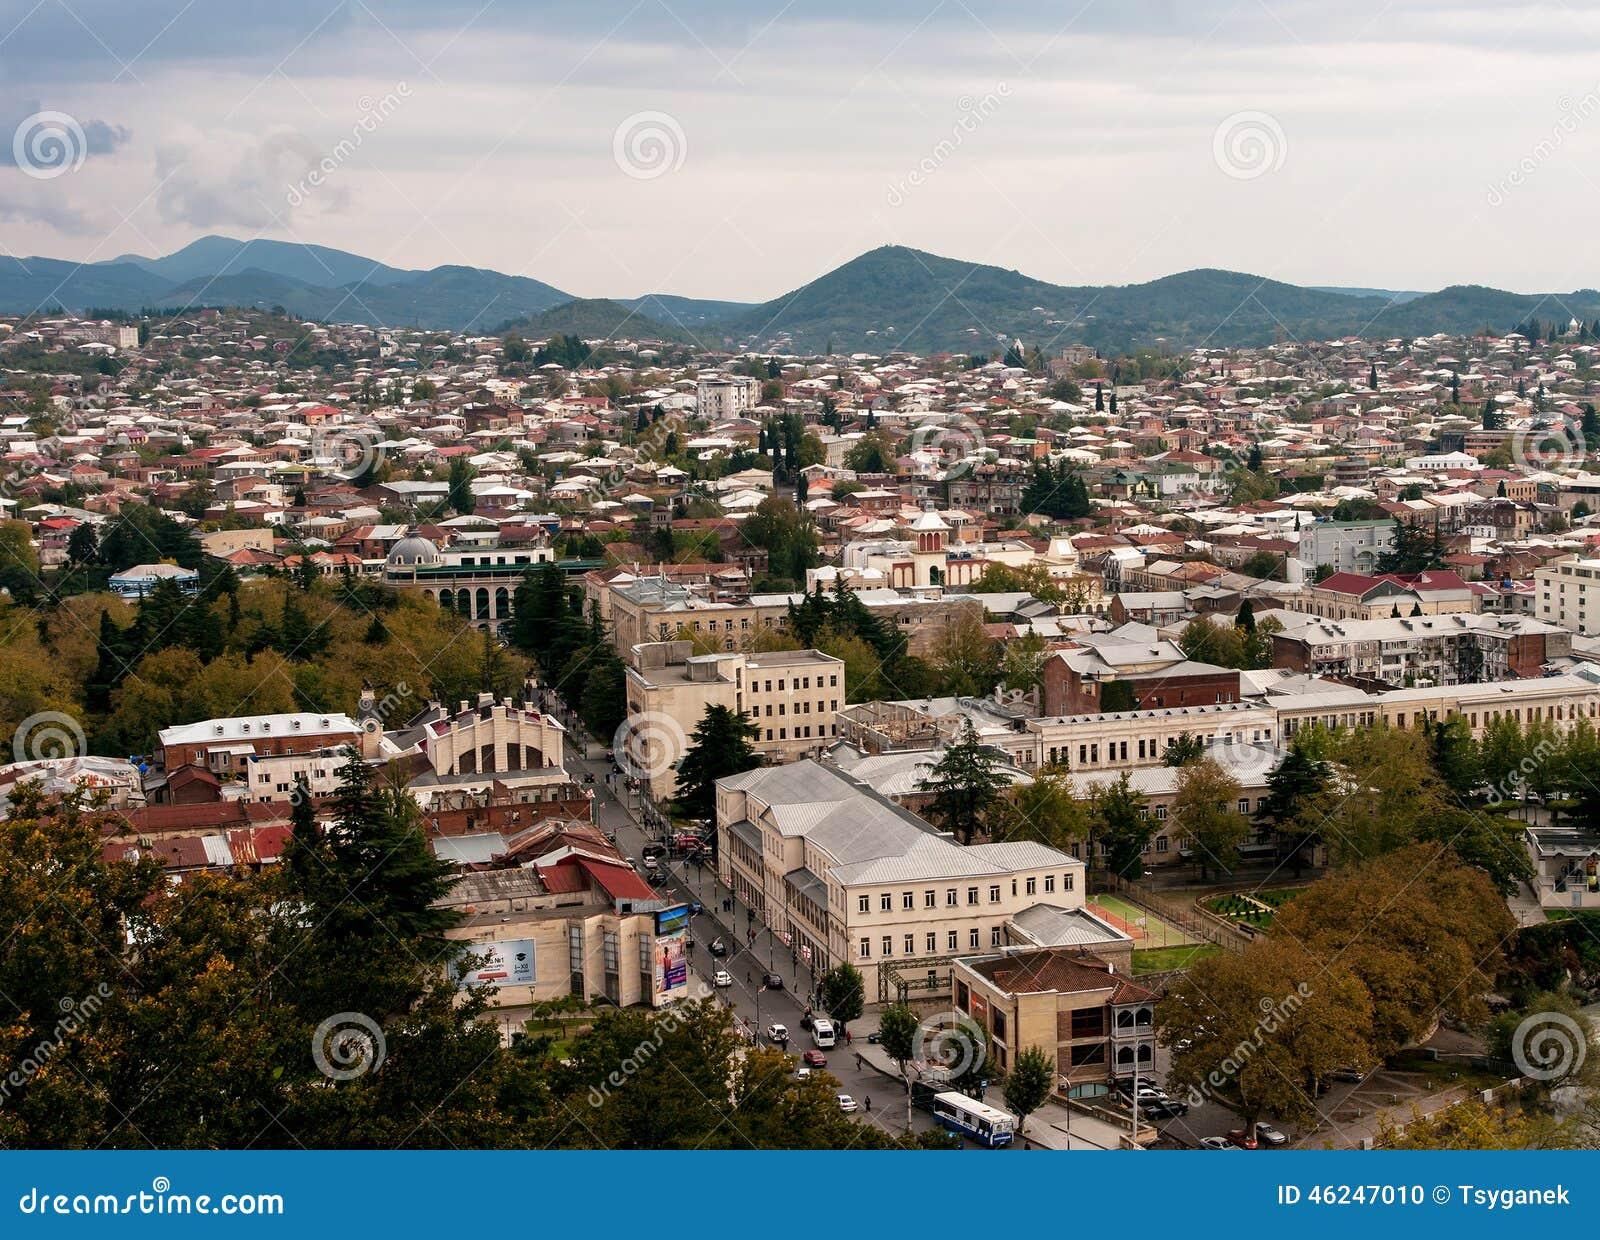 Kutaisi georgia country stock photo image of school for Georgia fotos